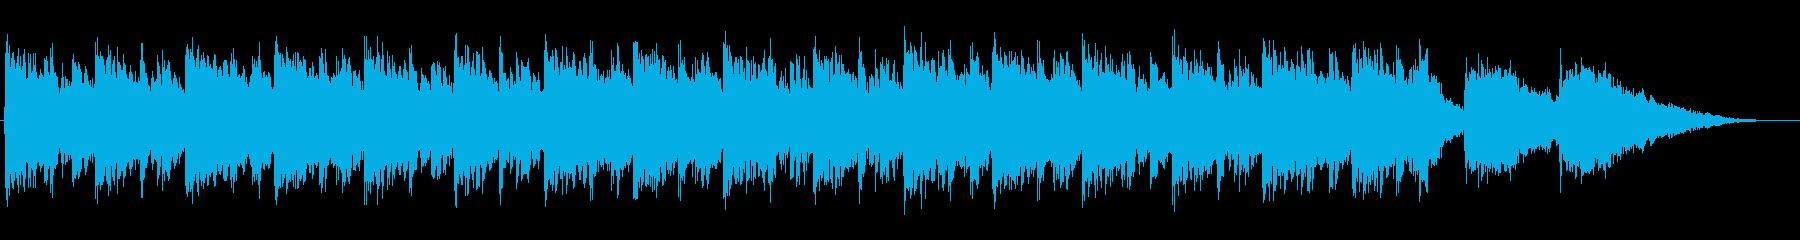 緊急事態感のあるシネマティックなBGMの再生済みの波形